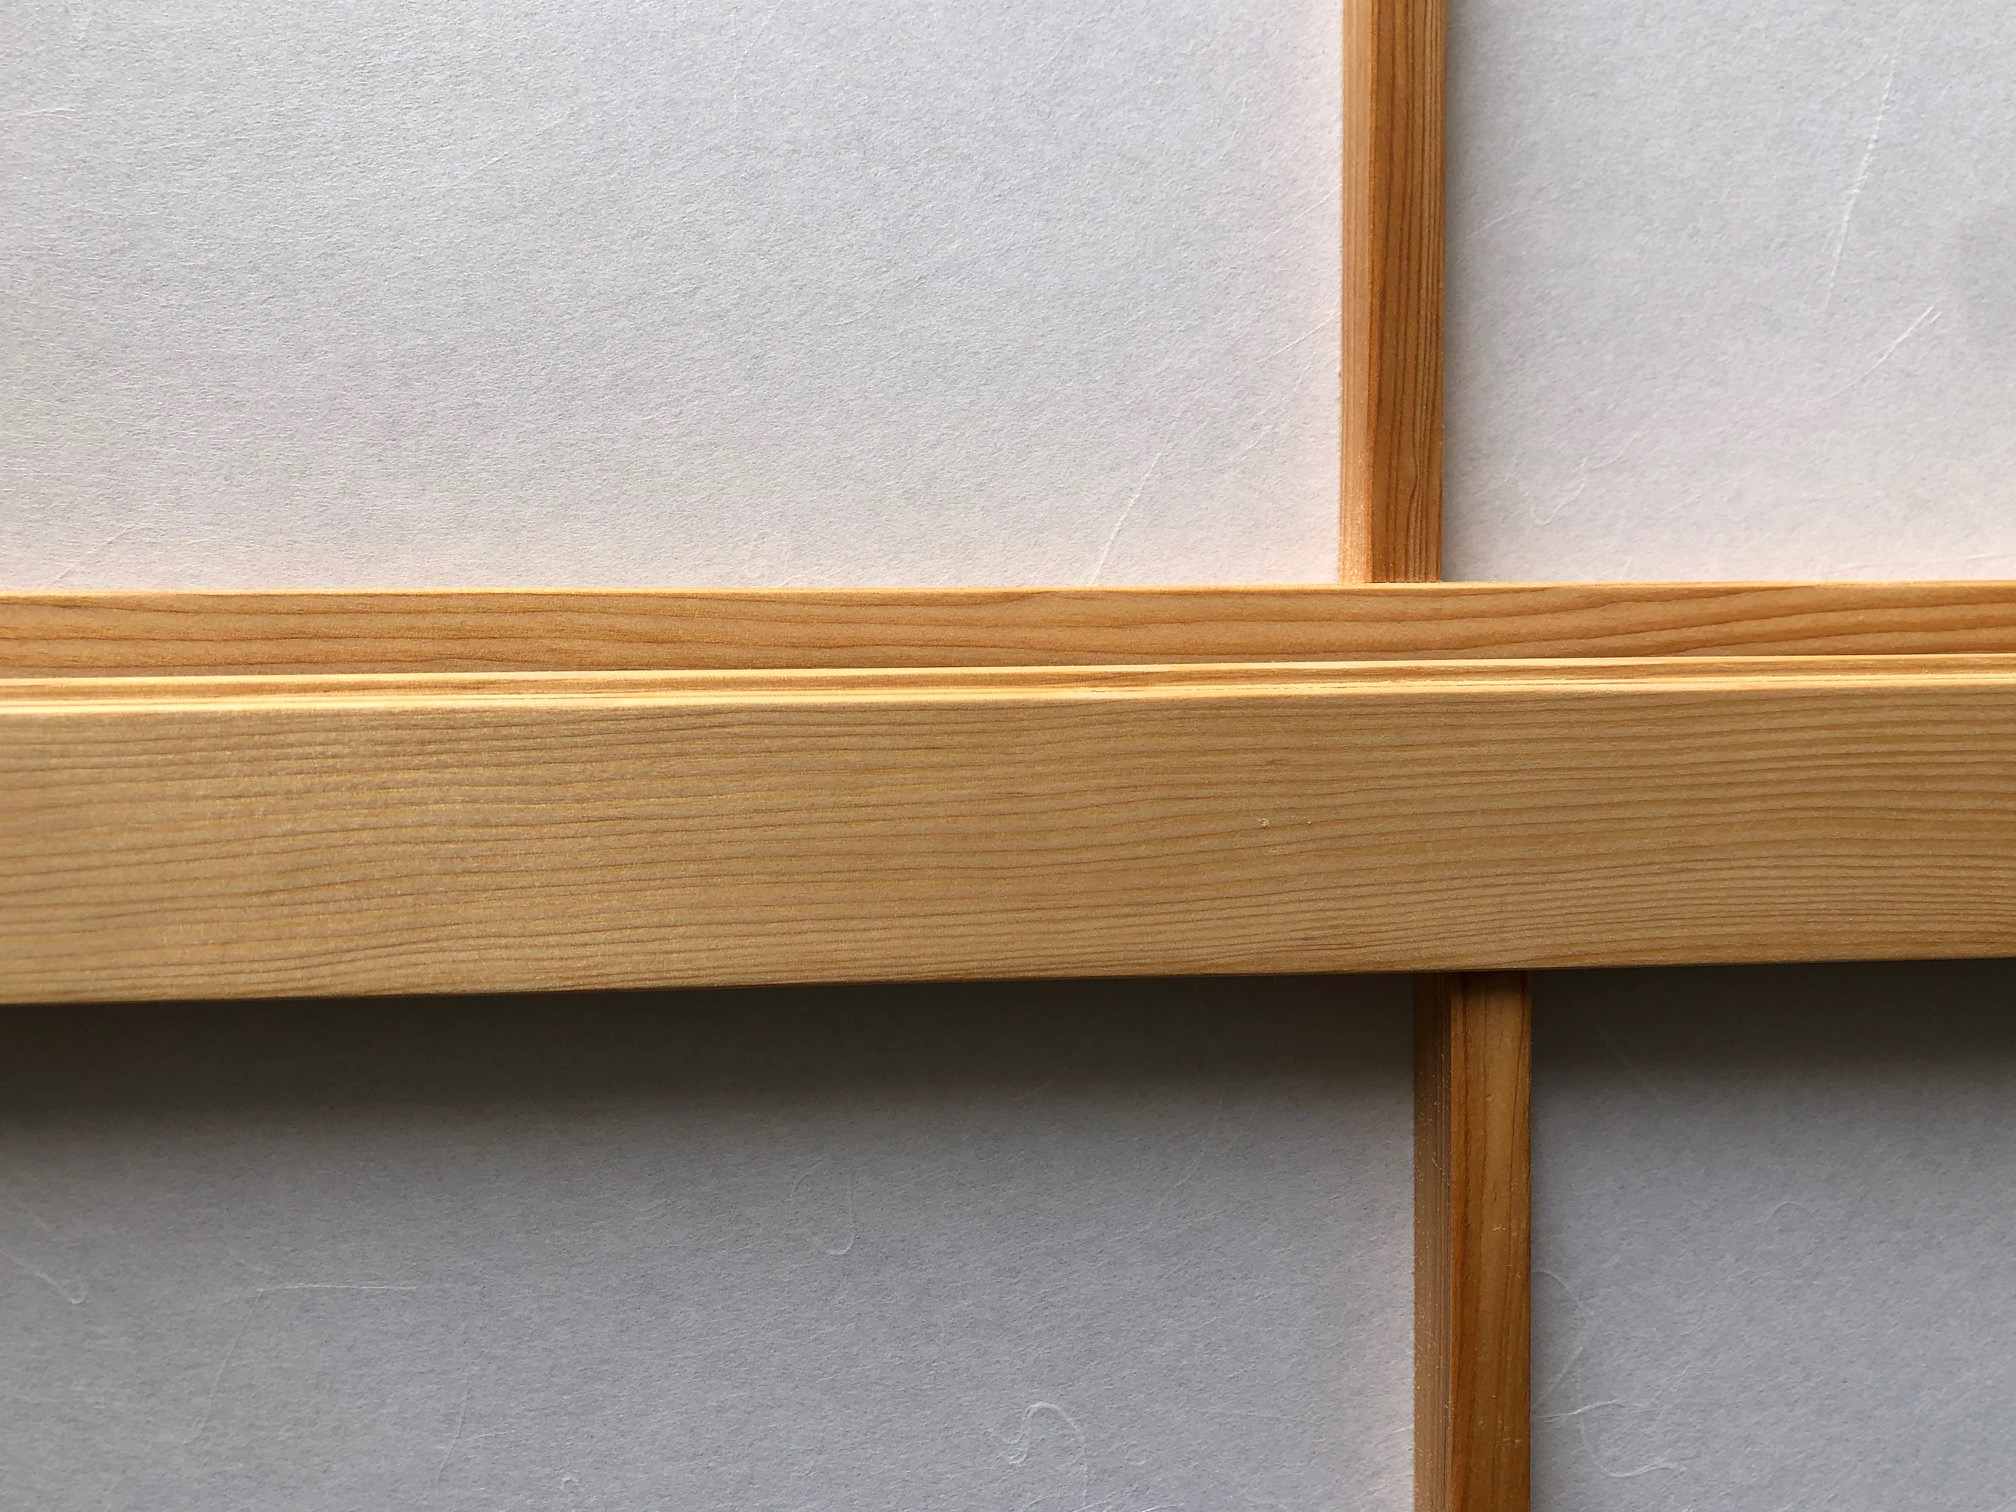 Shoji Classic 4 Elemente LB 300cm H 261cm neuwertig